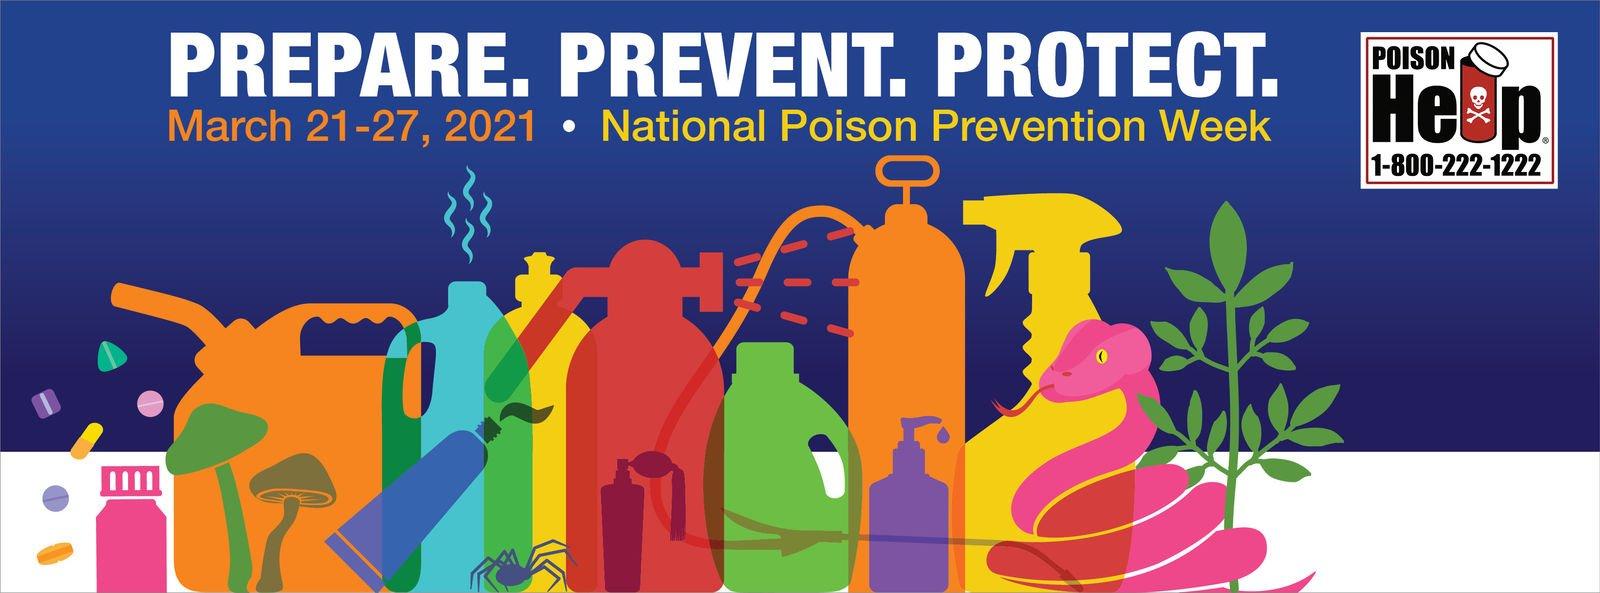 prepare prevent protect english